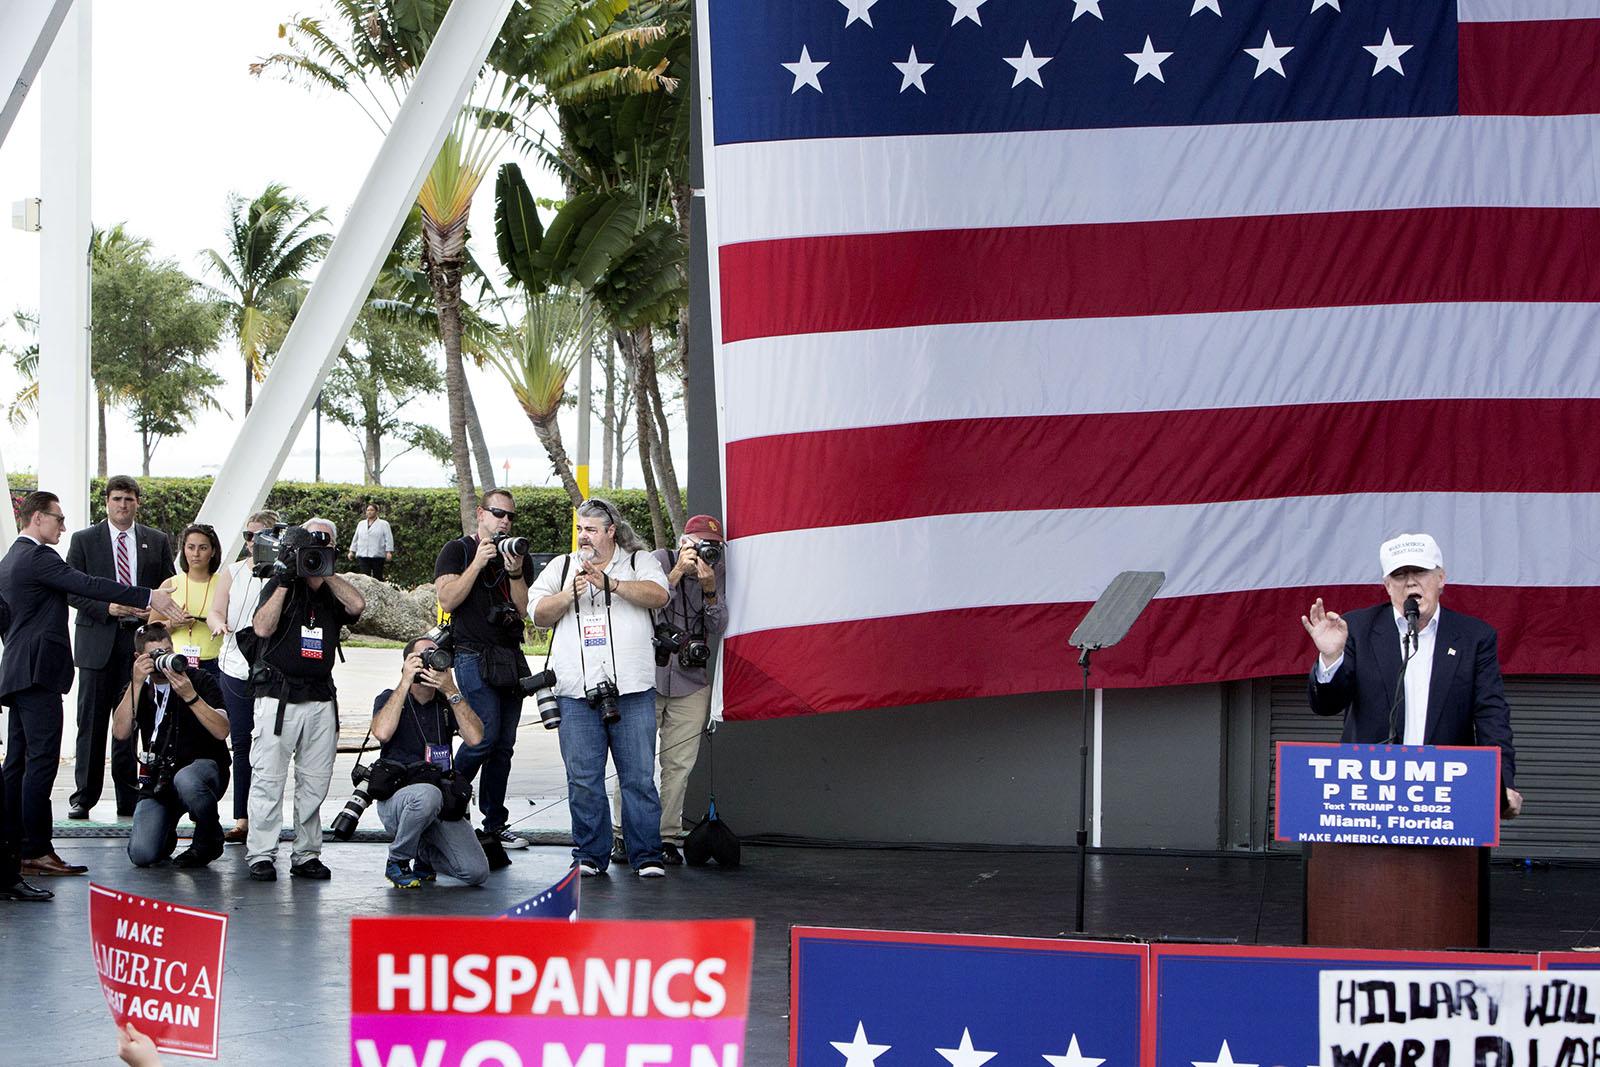 """Donald Trump håller ett tal i Miami Florida sex dagar innan presidentvalet. De fotografer som tillhör """"traveling press"""" (de som reser med kandidaten) får komma upp på scenen under några minuter i slutet av talet. De fotograferna, som nästan uteslutande jobbar för de stora amerikanska mediaorganisationerna,får alltid bättre access än de andra fotograferna på plats. Men deras arbetsgivare betalar också ganska mycket pengar för att ha dem med på det specialchartrade flygplanet som gör det möjligt att vara på alla valmöten (för oss som flyger reguljärt är det svårt att hinna med mer än ett möte per dag, speciellt de sista veckorna då kandidaterna har fyra fem valmöten per dag i olika delstater."""